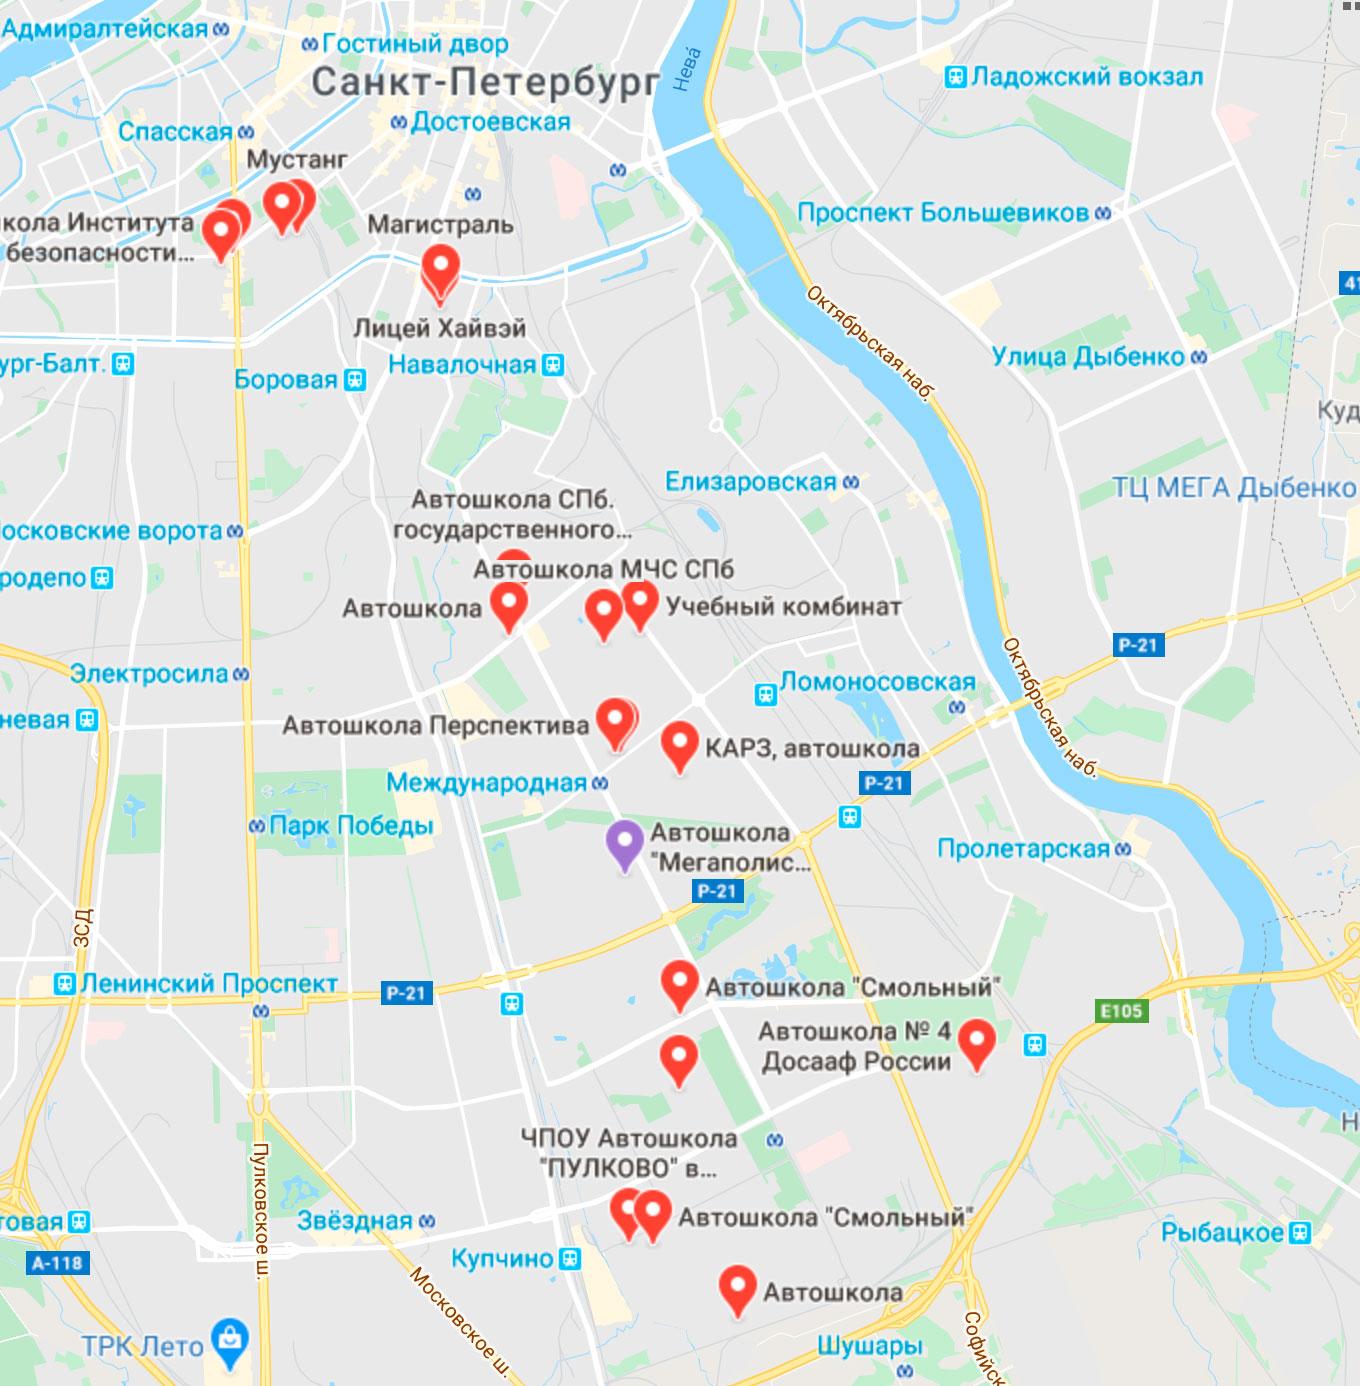 Можно просто погуглить автошколы рядом с домом. Вот так, например, выглядят результаты поиска по запросу «Автошколы Фрунзенский район Санкт-Петербурга». Очевидно, что выбор есть